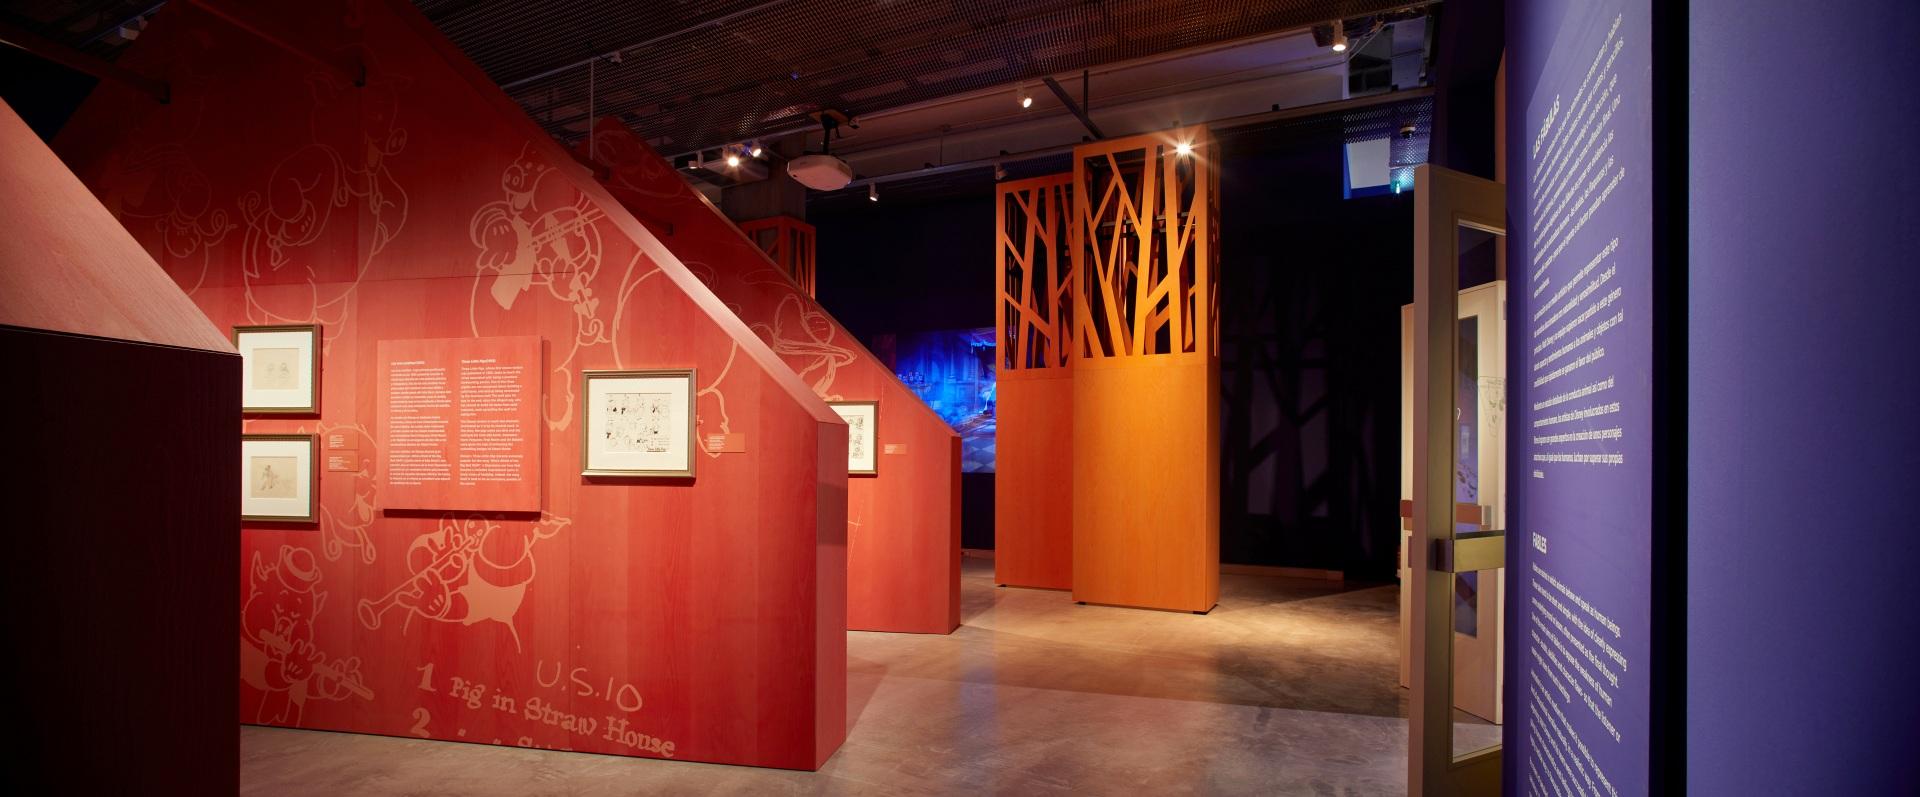 Exposición sobre Walt Disney. Cabaña roja de Los tres cerditos. Puertas abiertas.